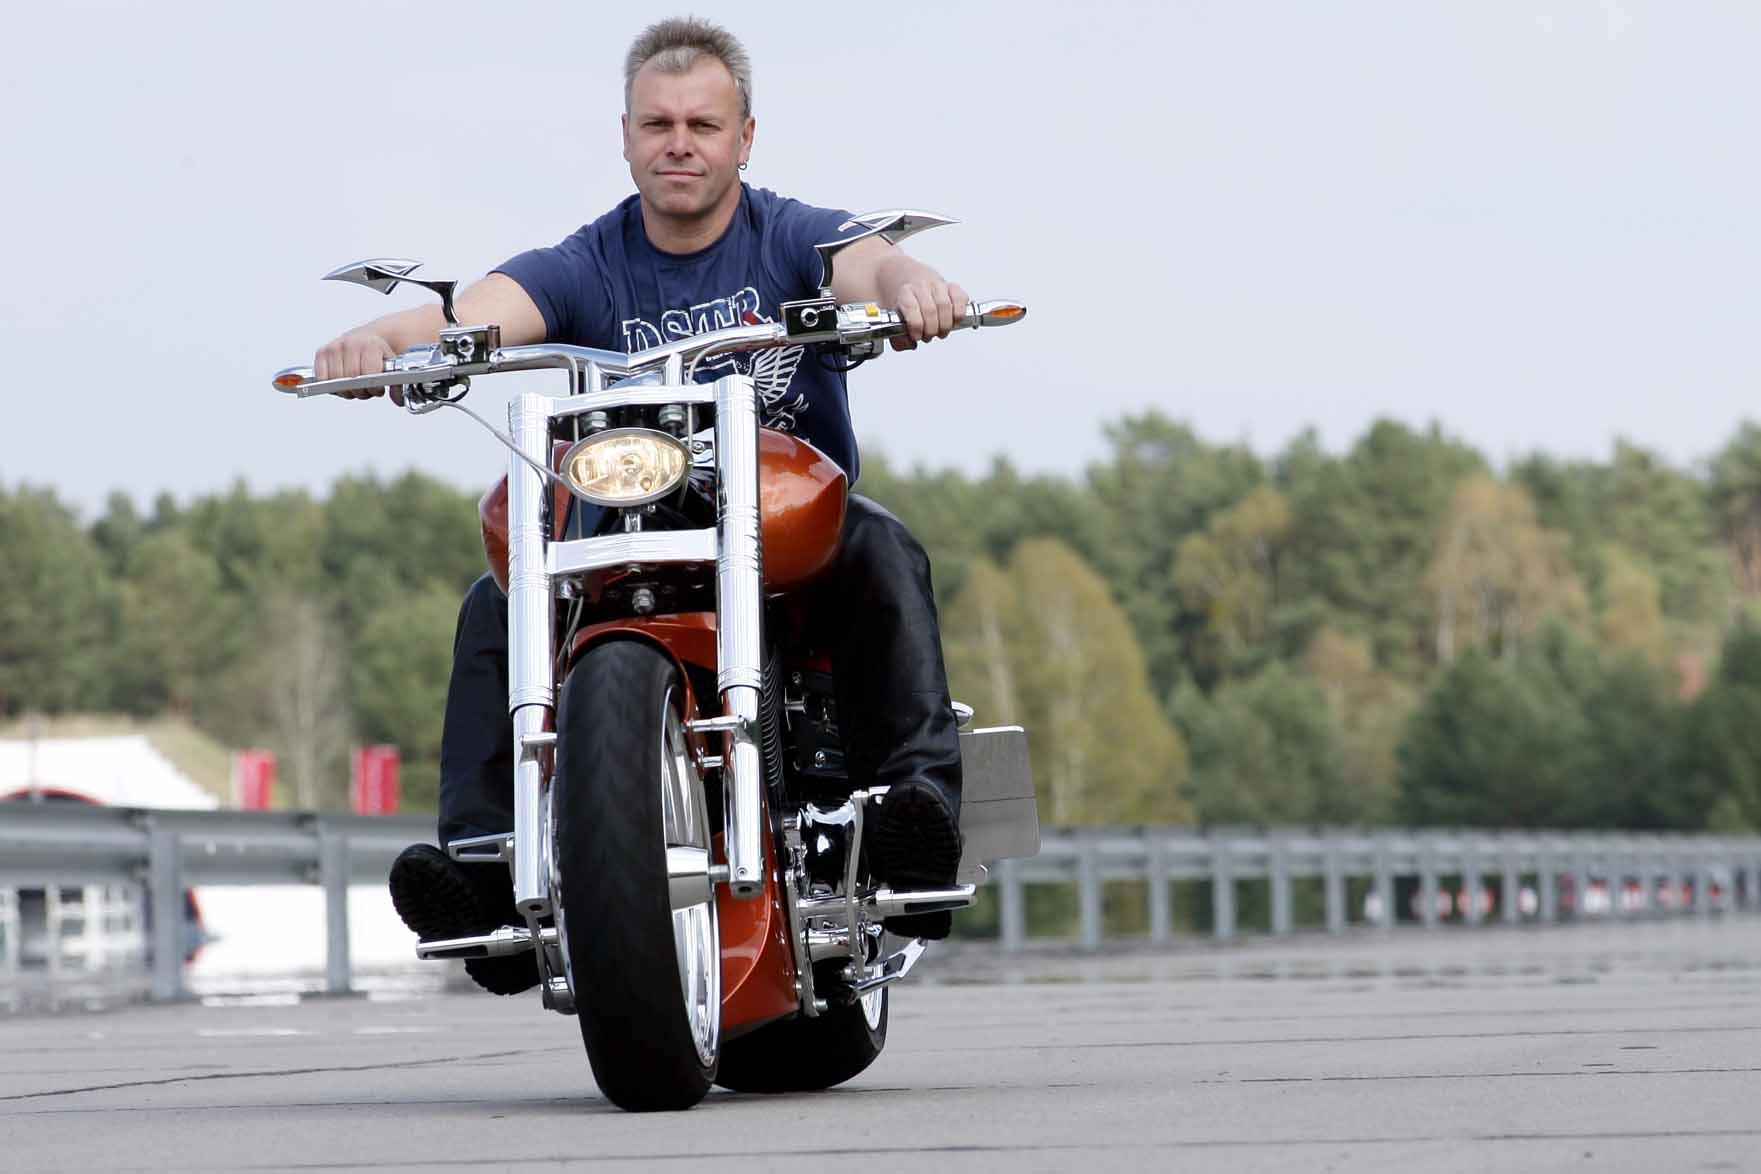 Dirk Wohlgemuth auf Suzuki VL 1500 intruder (drag-style) - Custom Bike